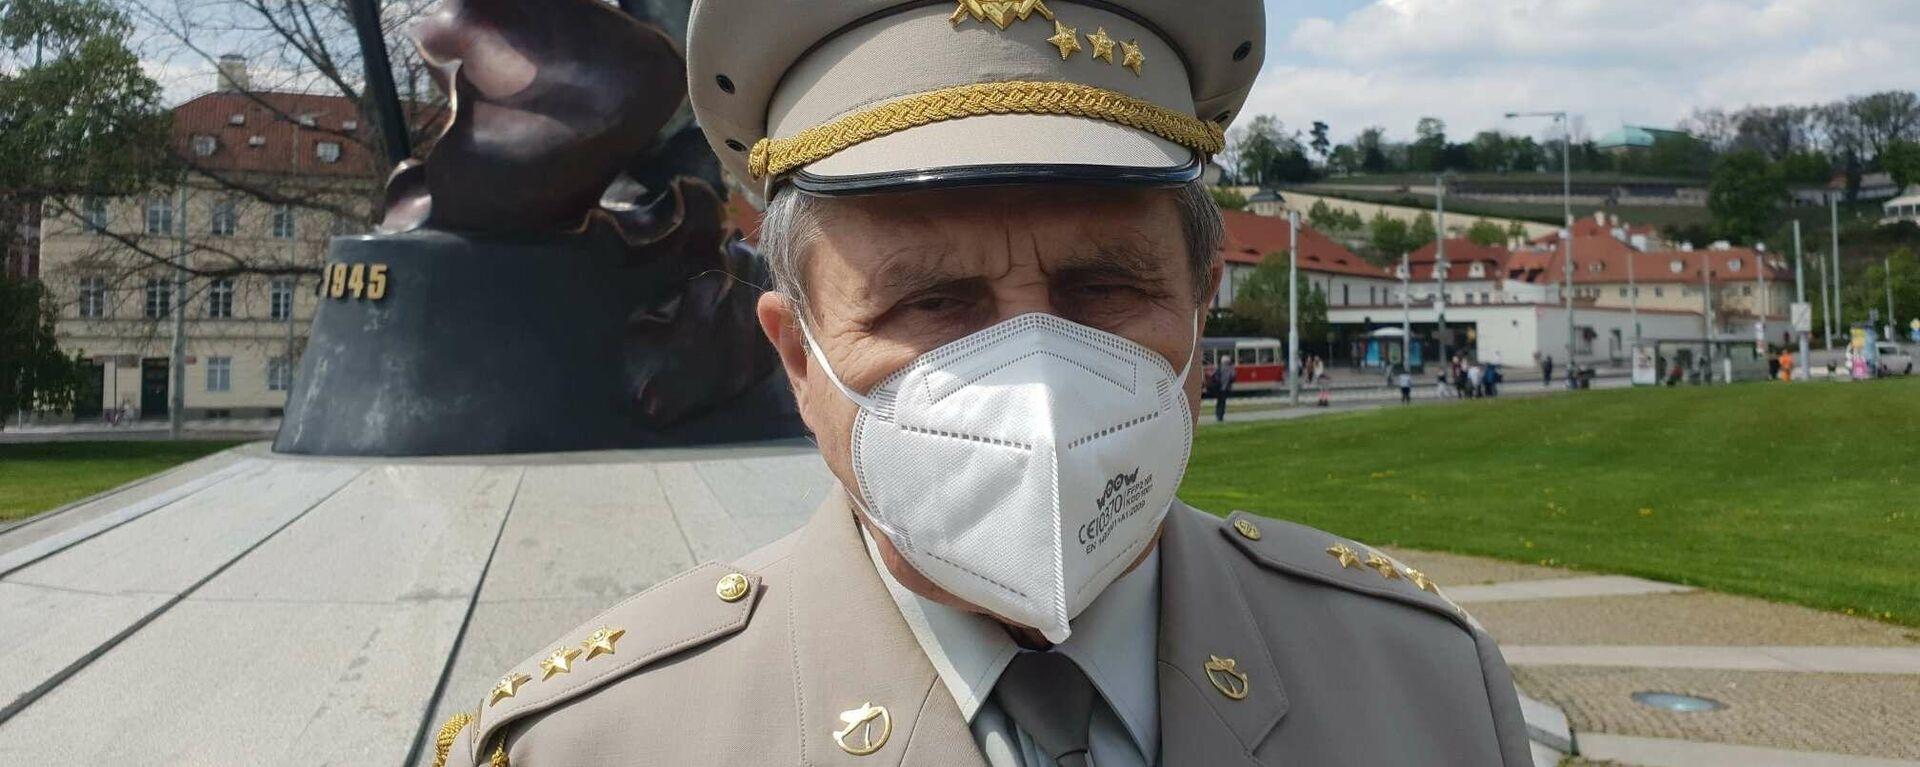 Sputniku poskytl rozhovor na Klárovĕ plukovník Emil Kulfánek poté, co uctil památku konce druhé světové války v Evropĕ - Sputnik Česká republika, 1920, 09.05.2021